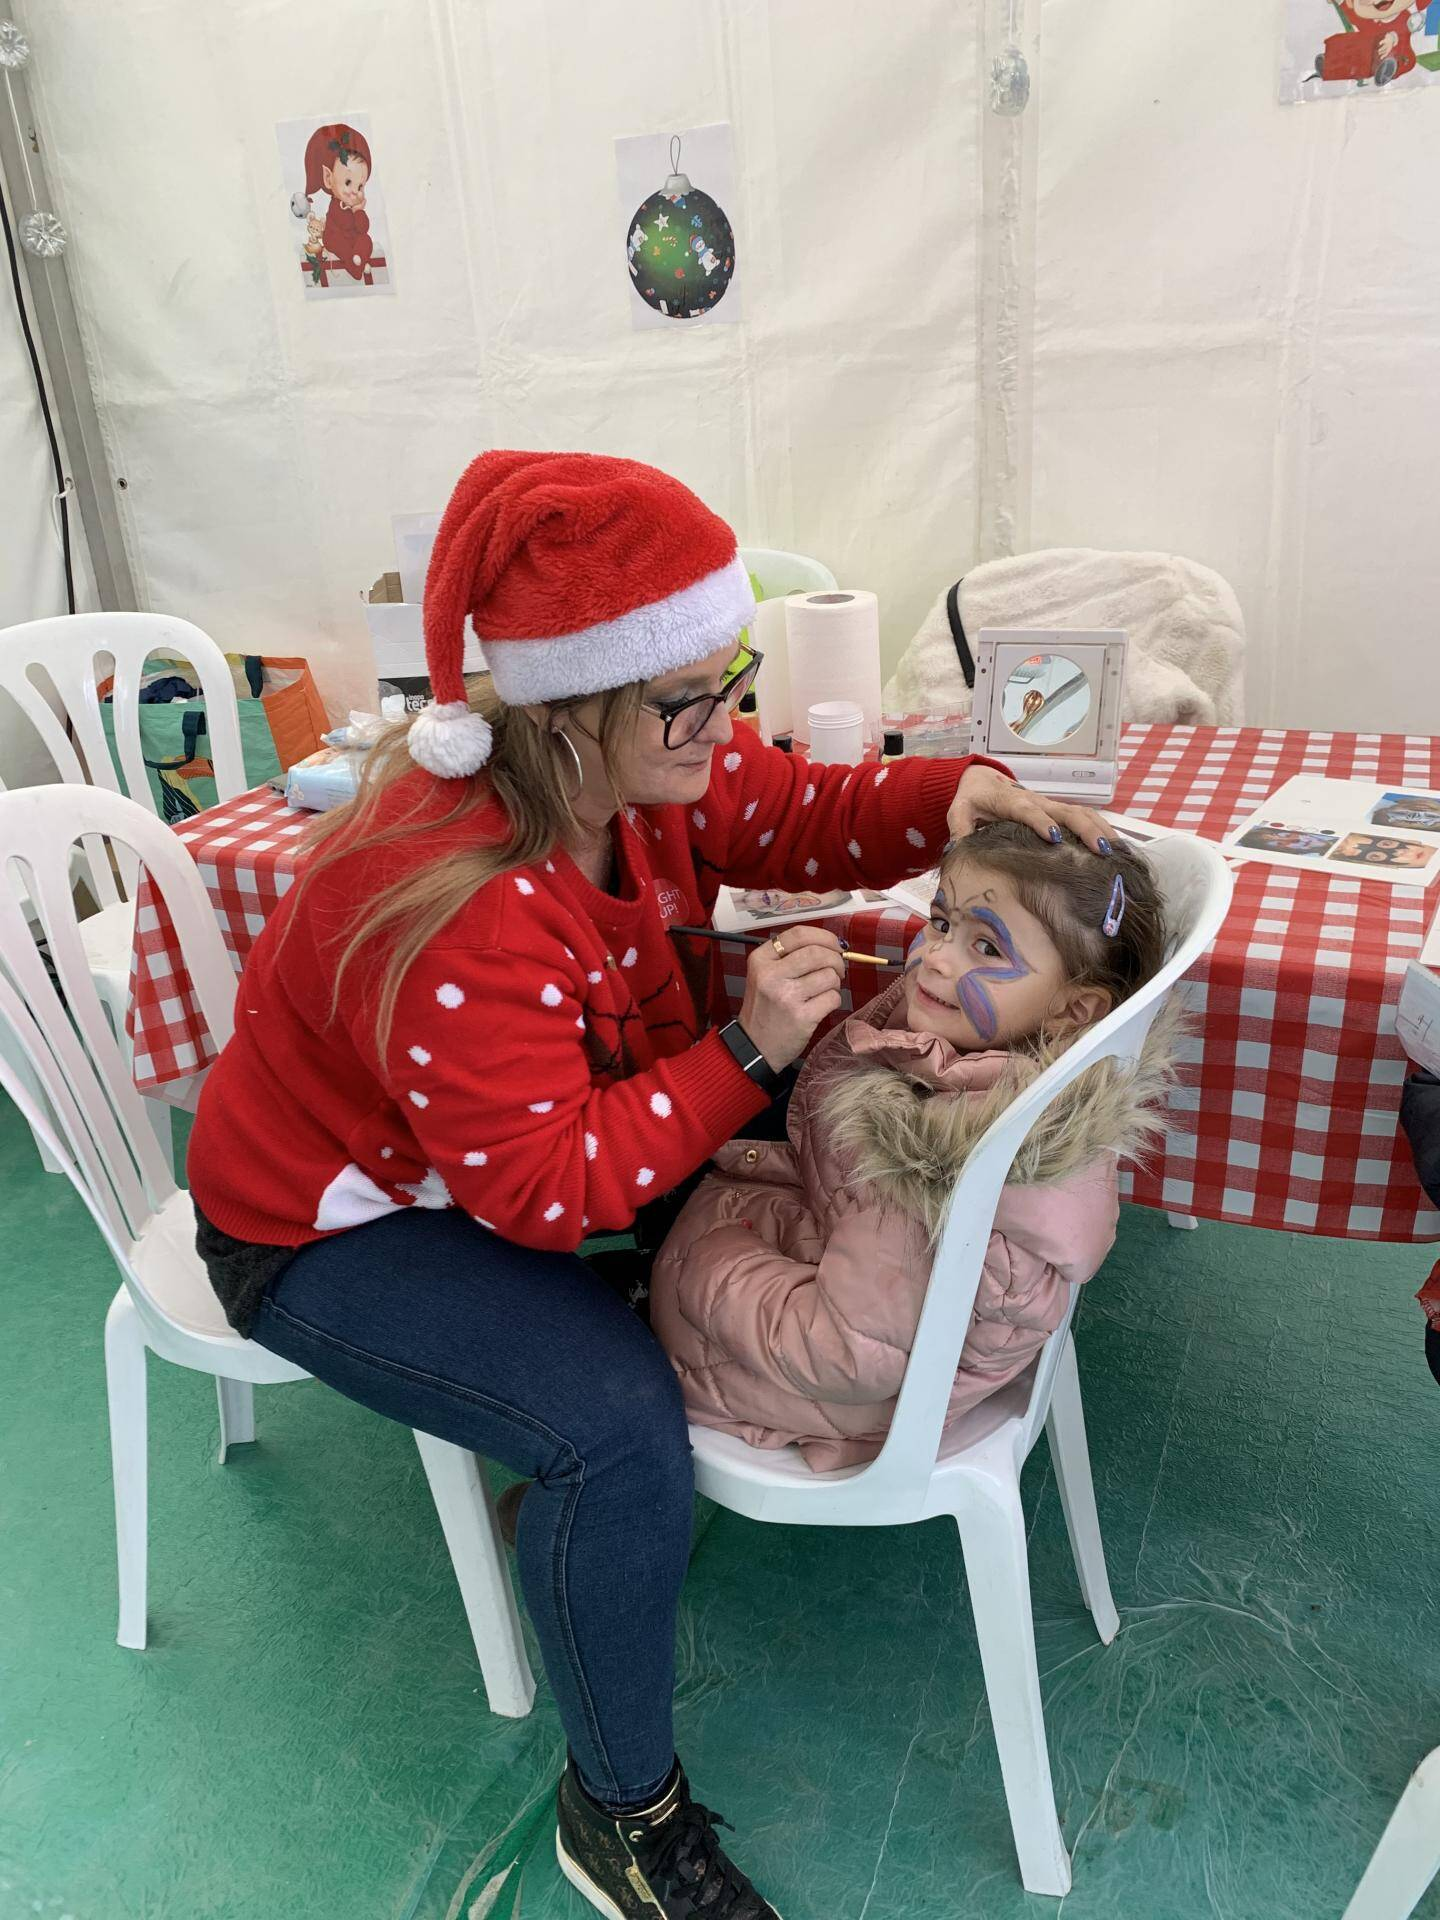 Sur les ateliers, on se fait maquiller, on dessine, on colorie et on crée des décorations de Noël.